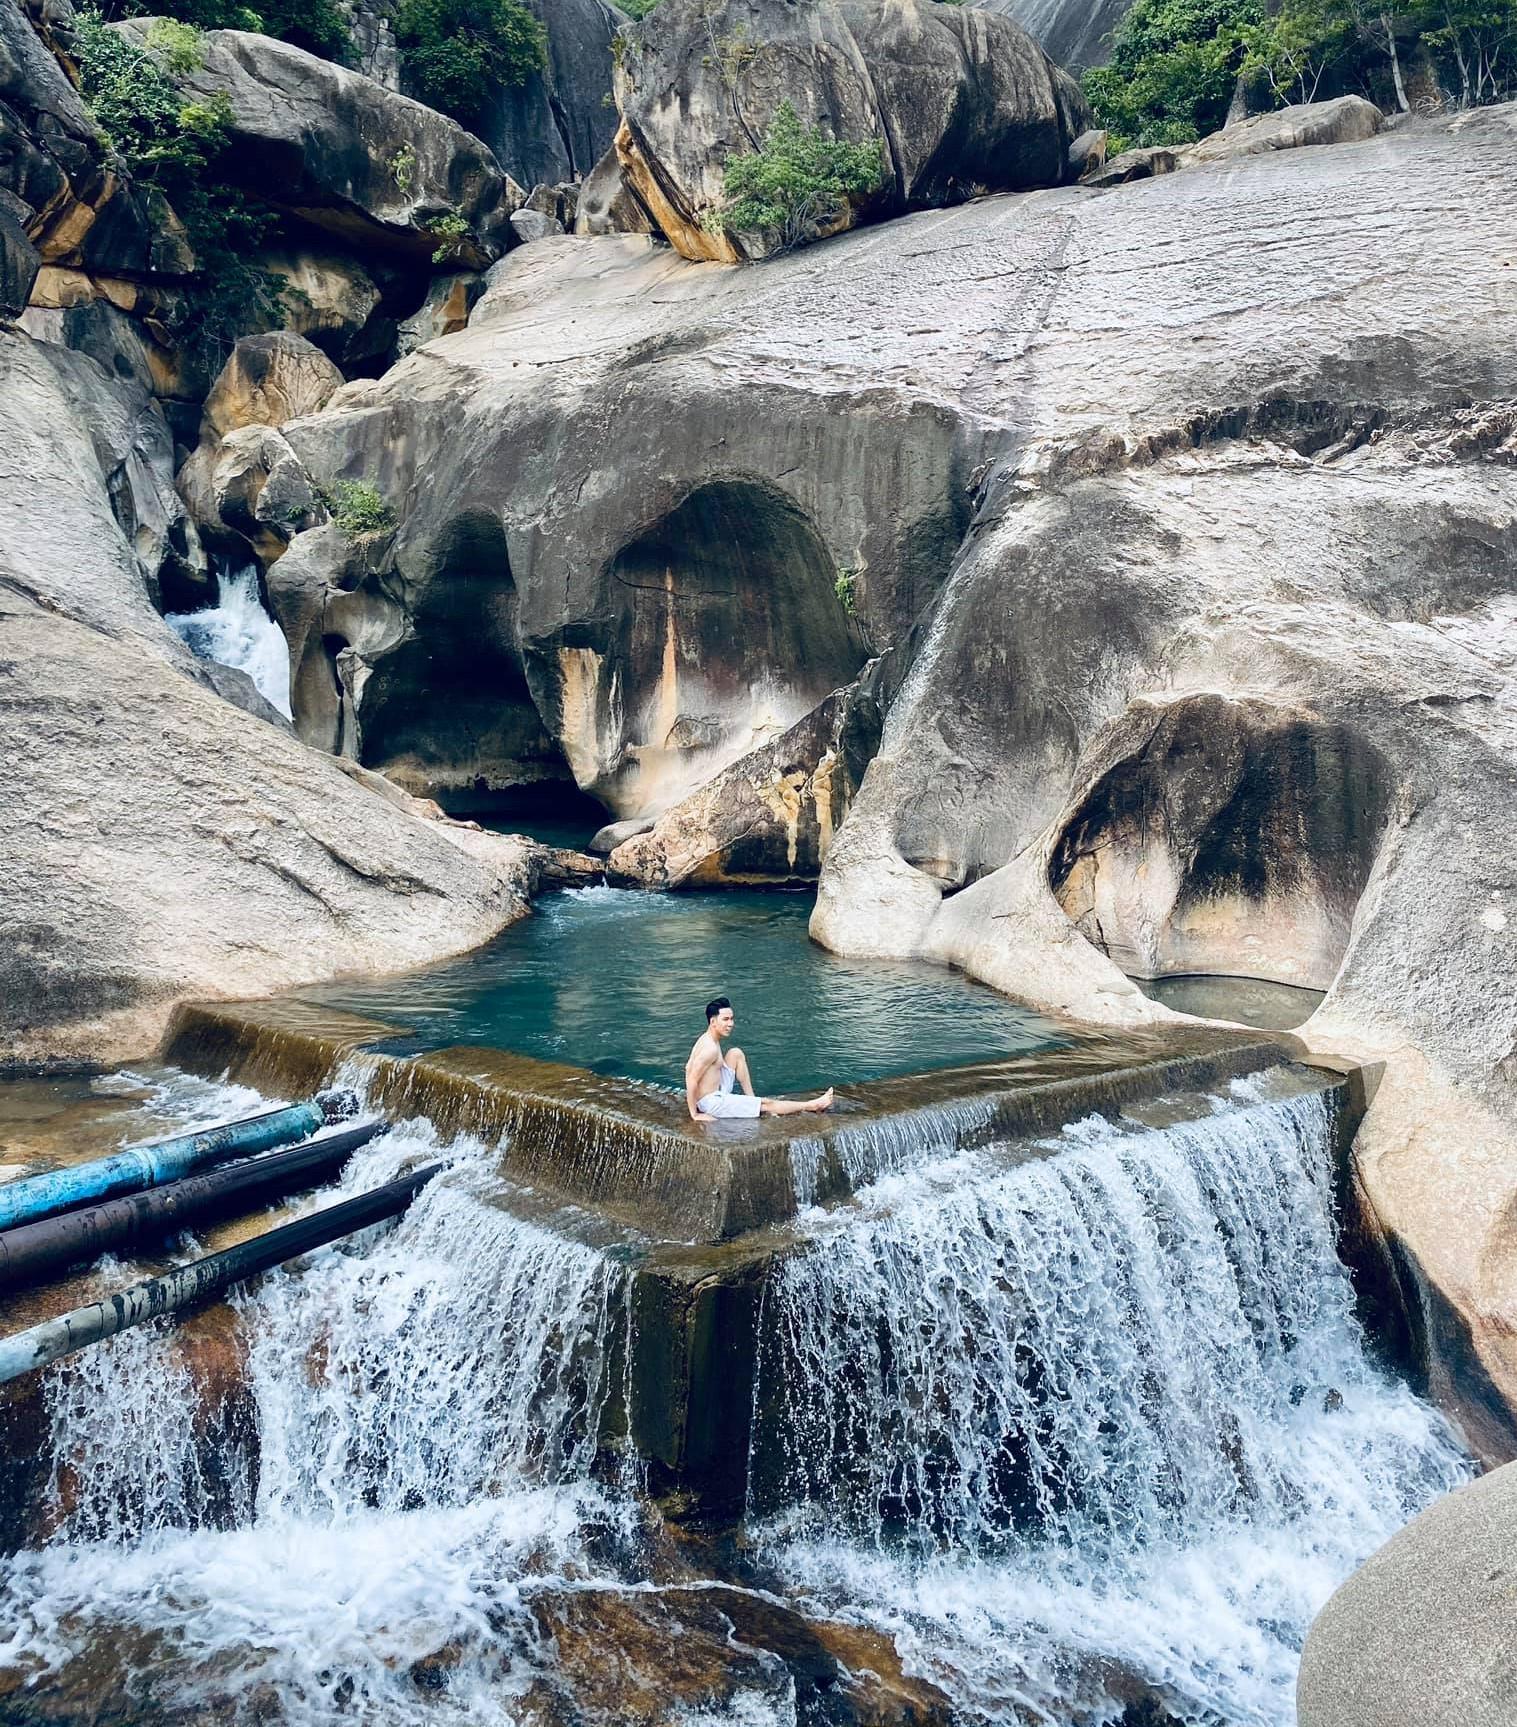 Du khách thường mang đồ theo cắm trại, tắm mát và vui chơi trong ngày ở suối Ba Hồ. Ảnh: Lê Văn Huy